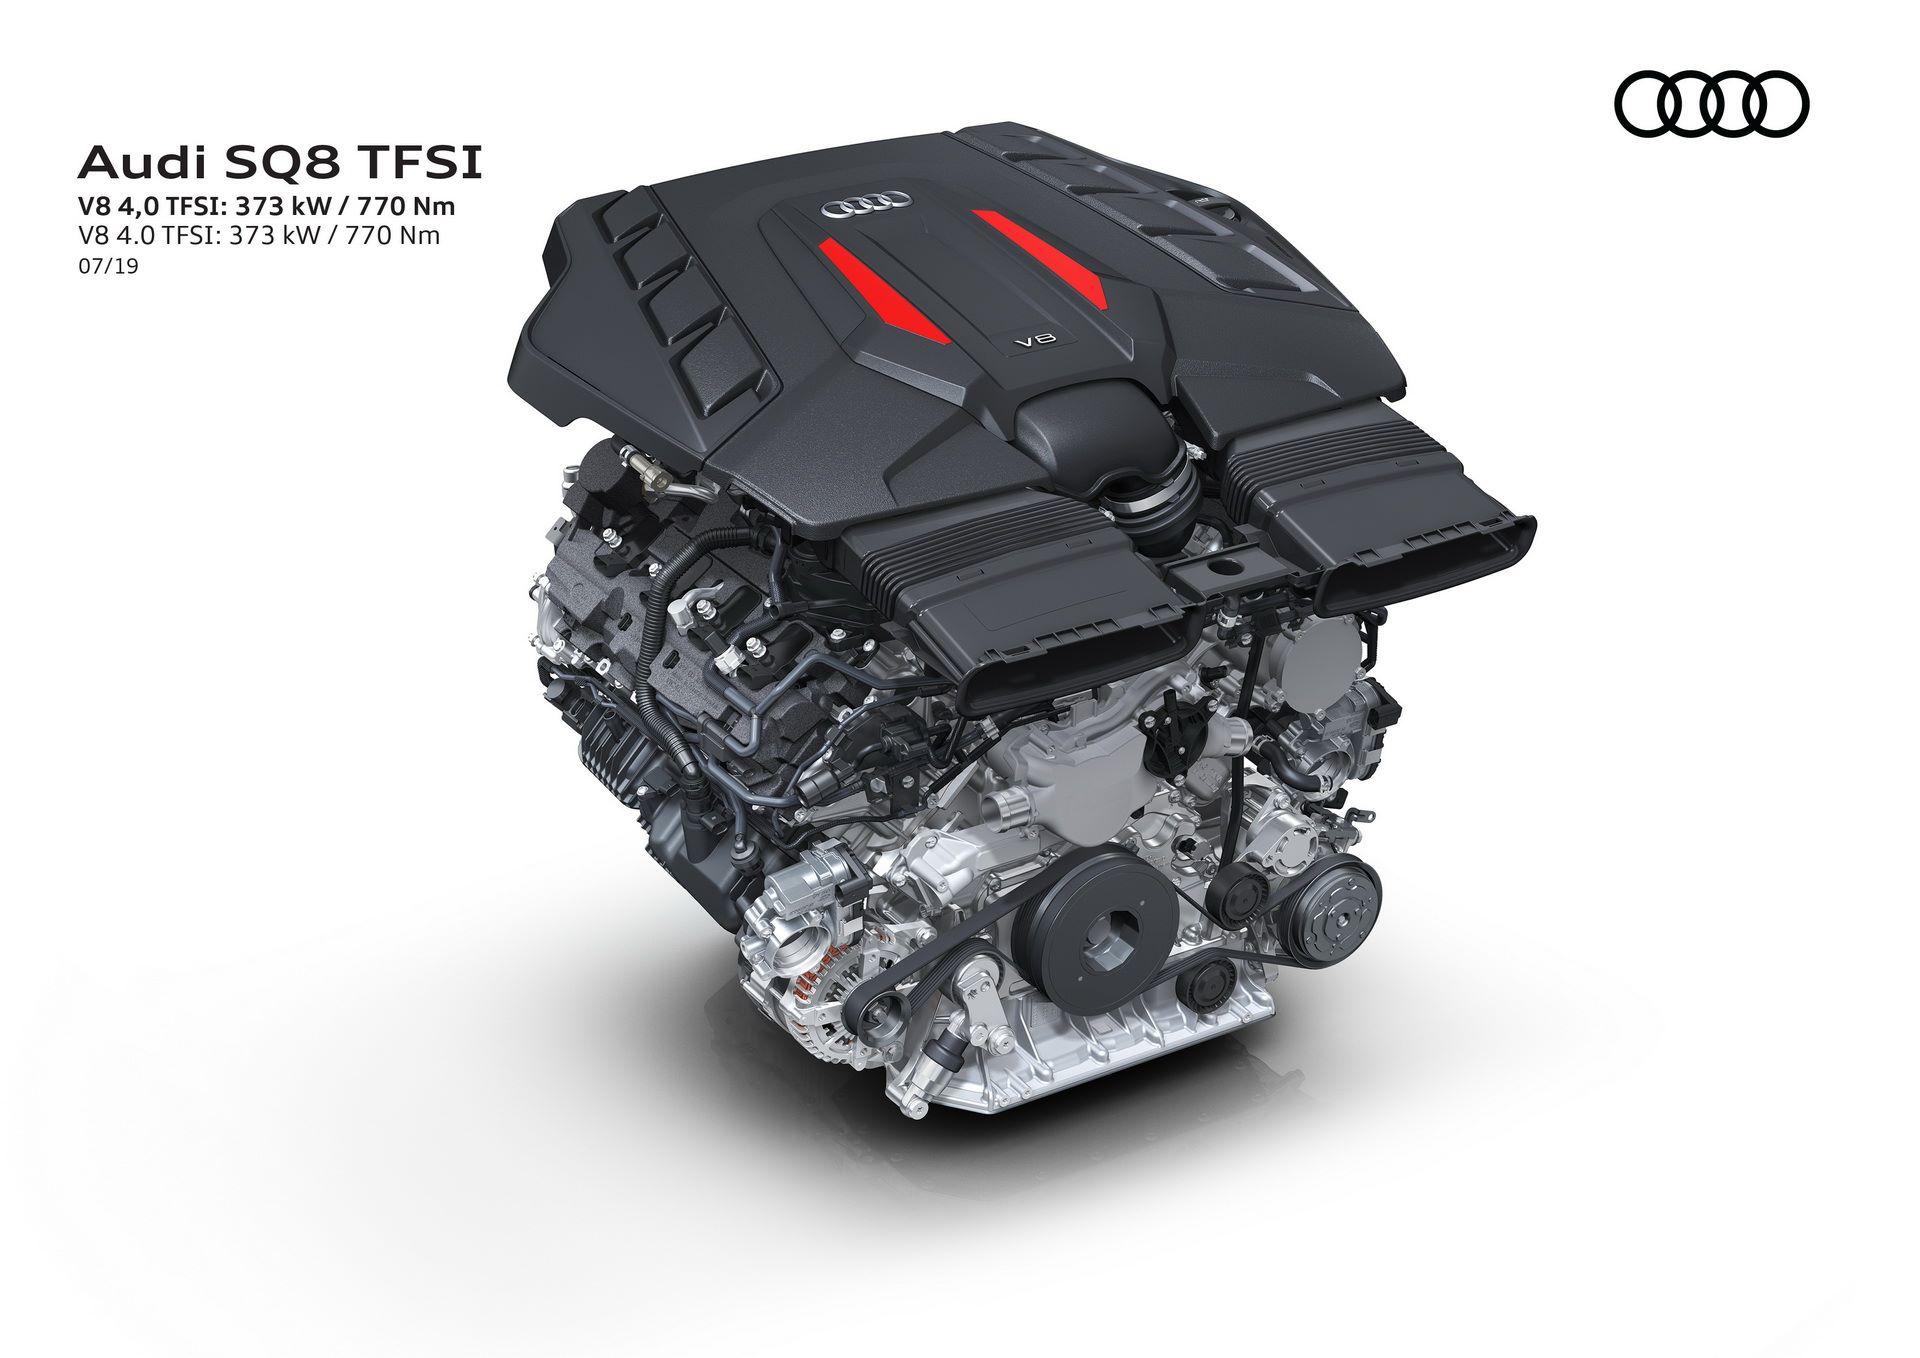 audi-sq7-sq8-v8-tfsi-engine-14